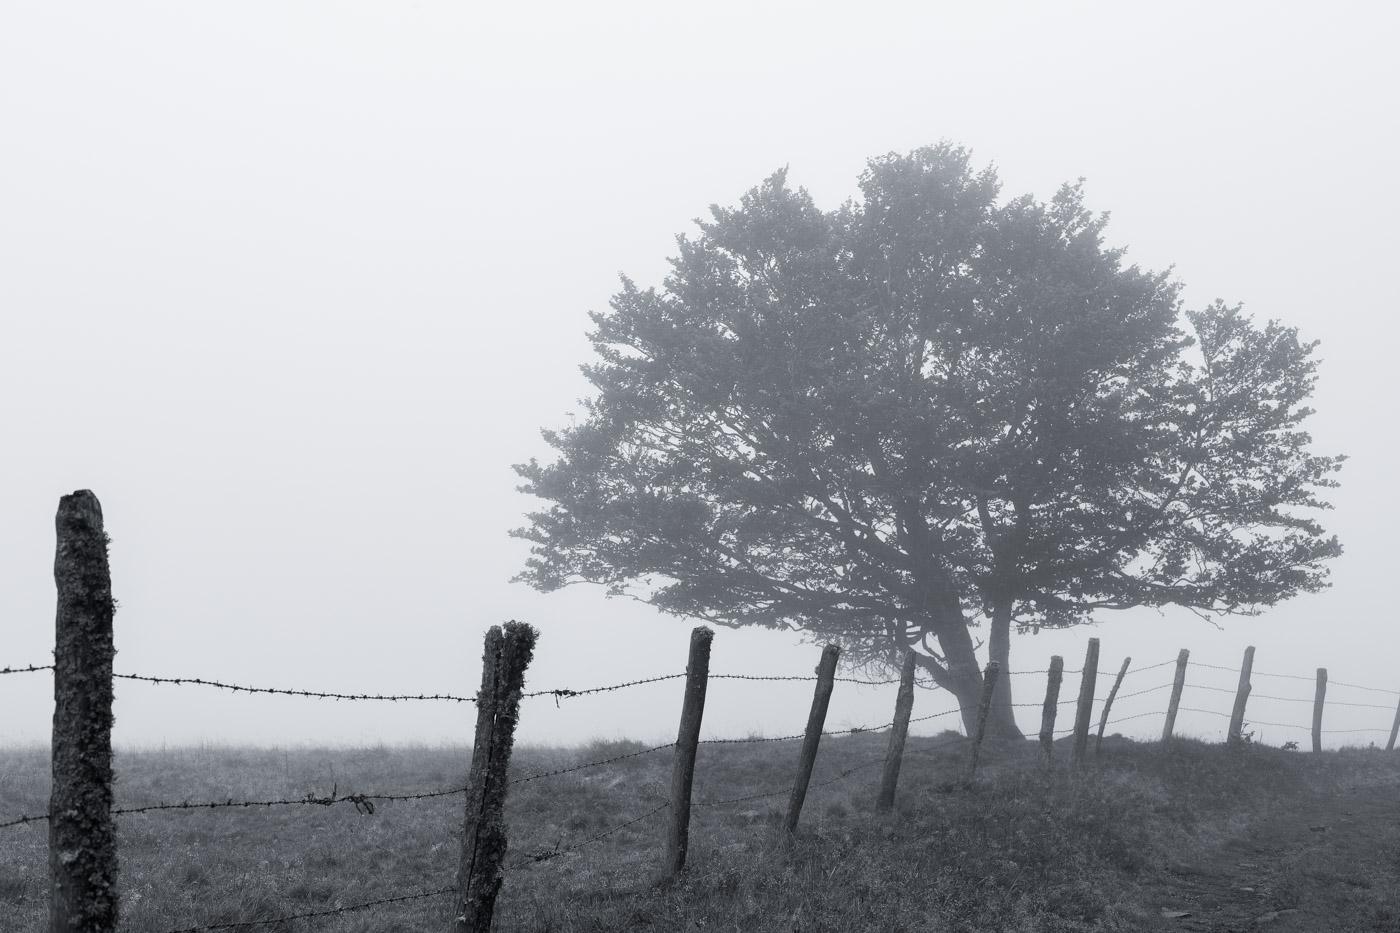 tour des monts d 39 aubrac arbre dans le brouillard en noir et blanc yapasfoto. Black Bedroom Furniture Sets. Home Design Ideas